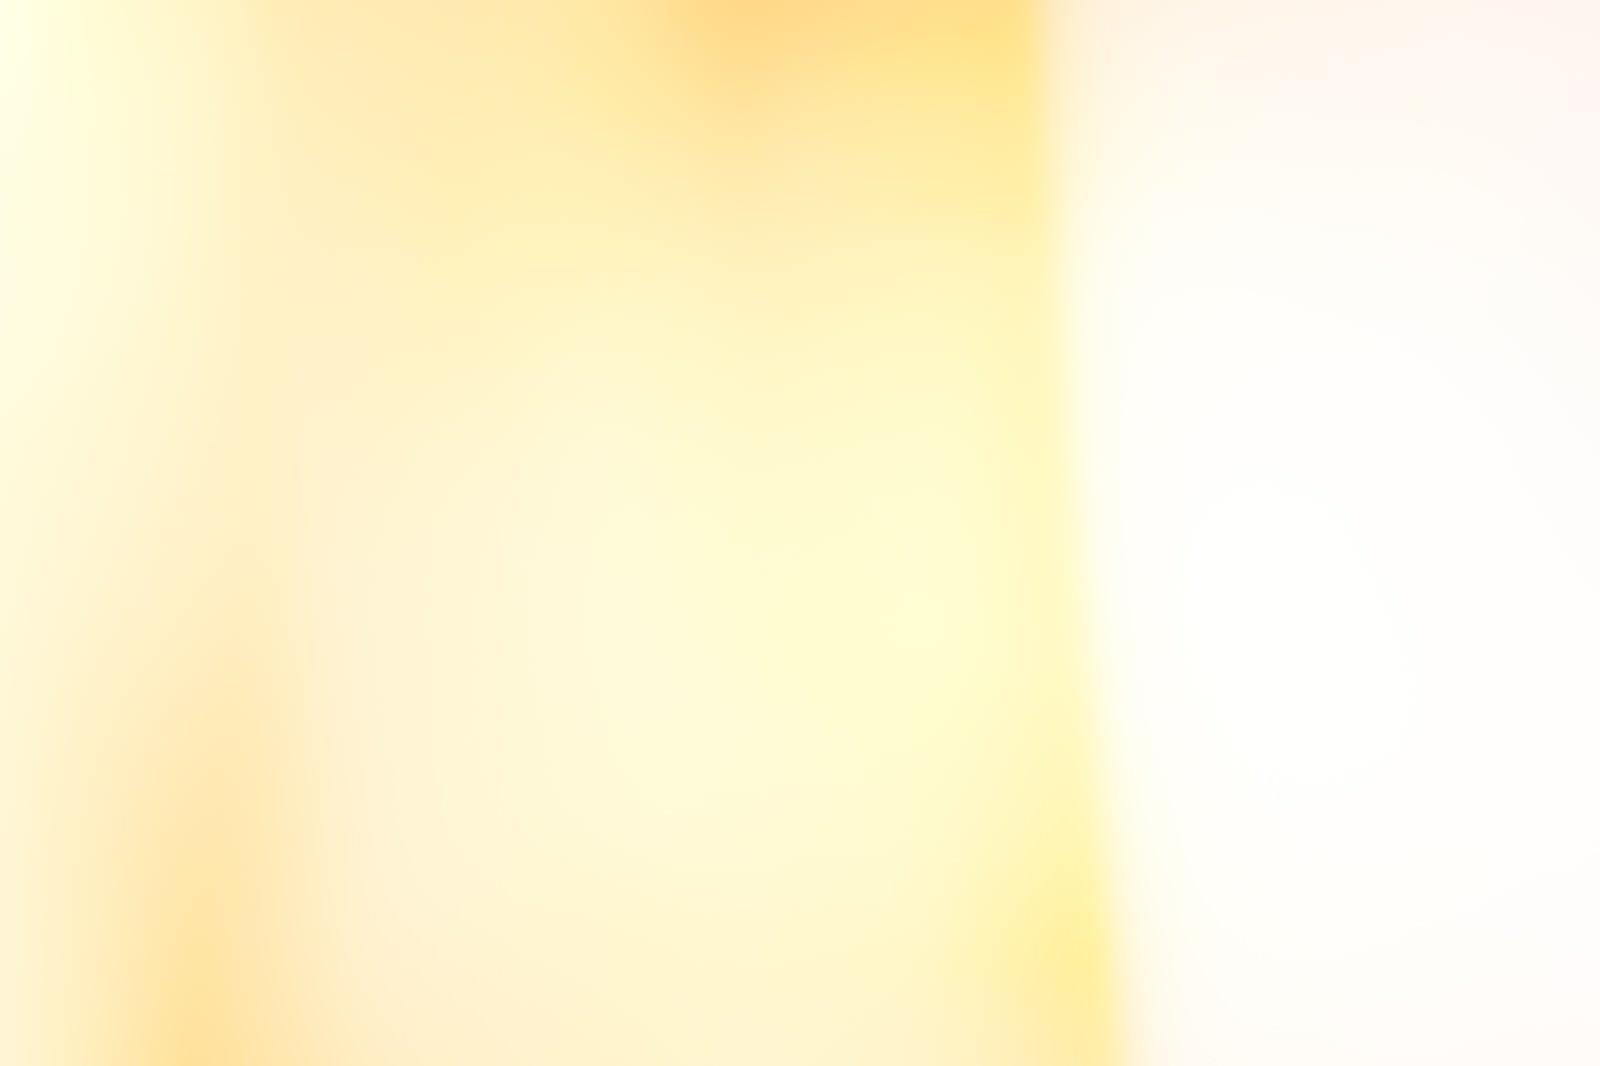 「黄色い光」の写真